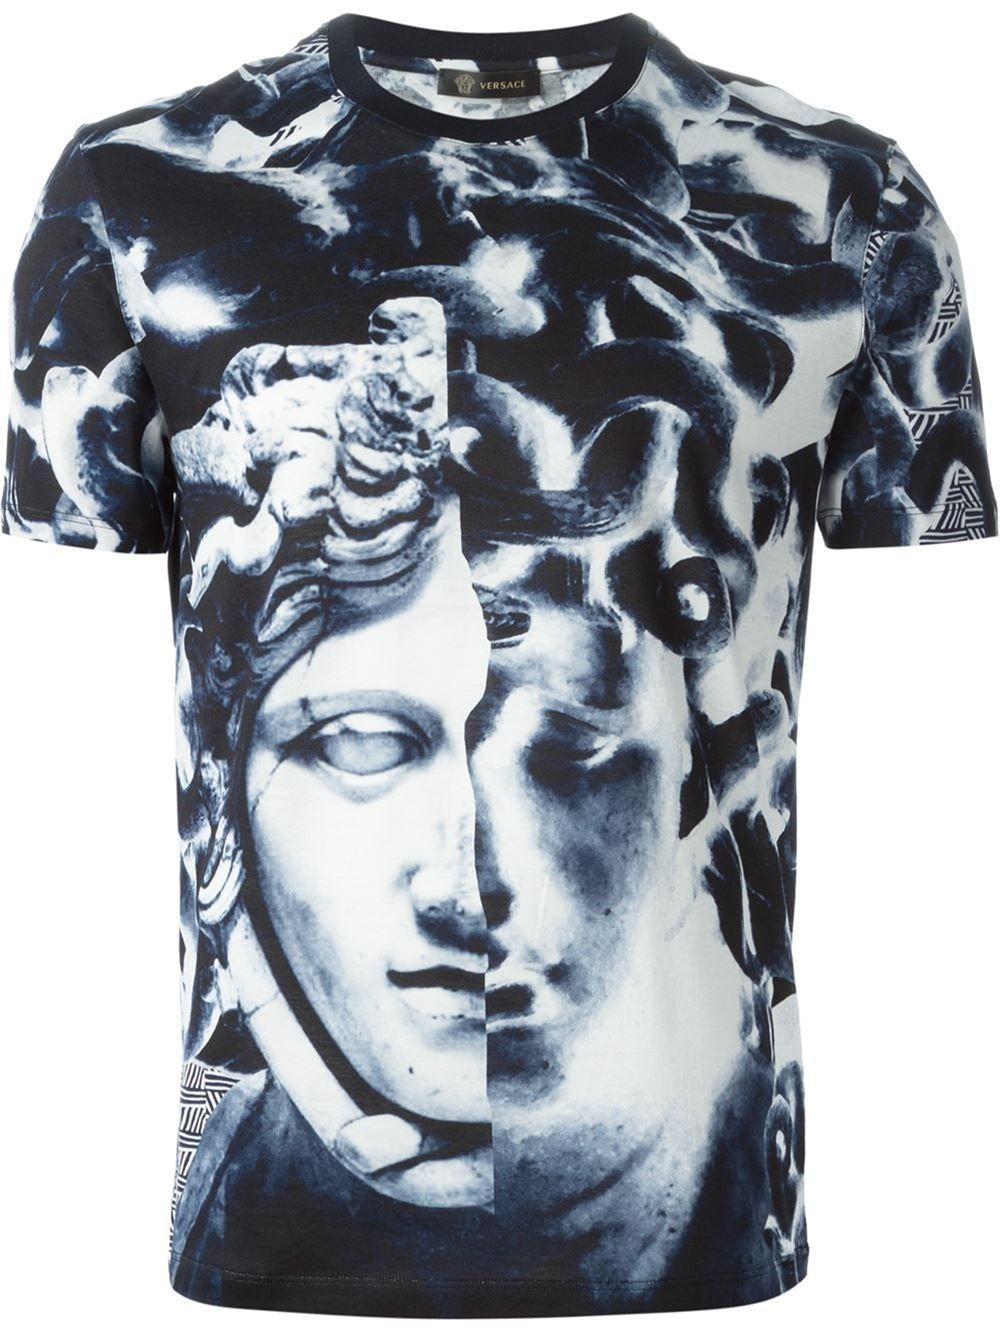 5b04f886 Versace Medusa T-shirt - Zoo Fashions - Farfetch.com | royal ...